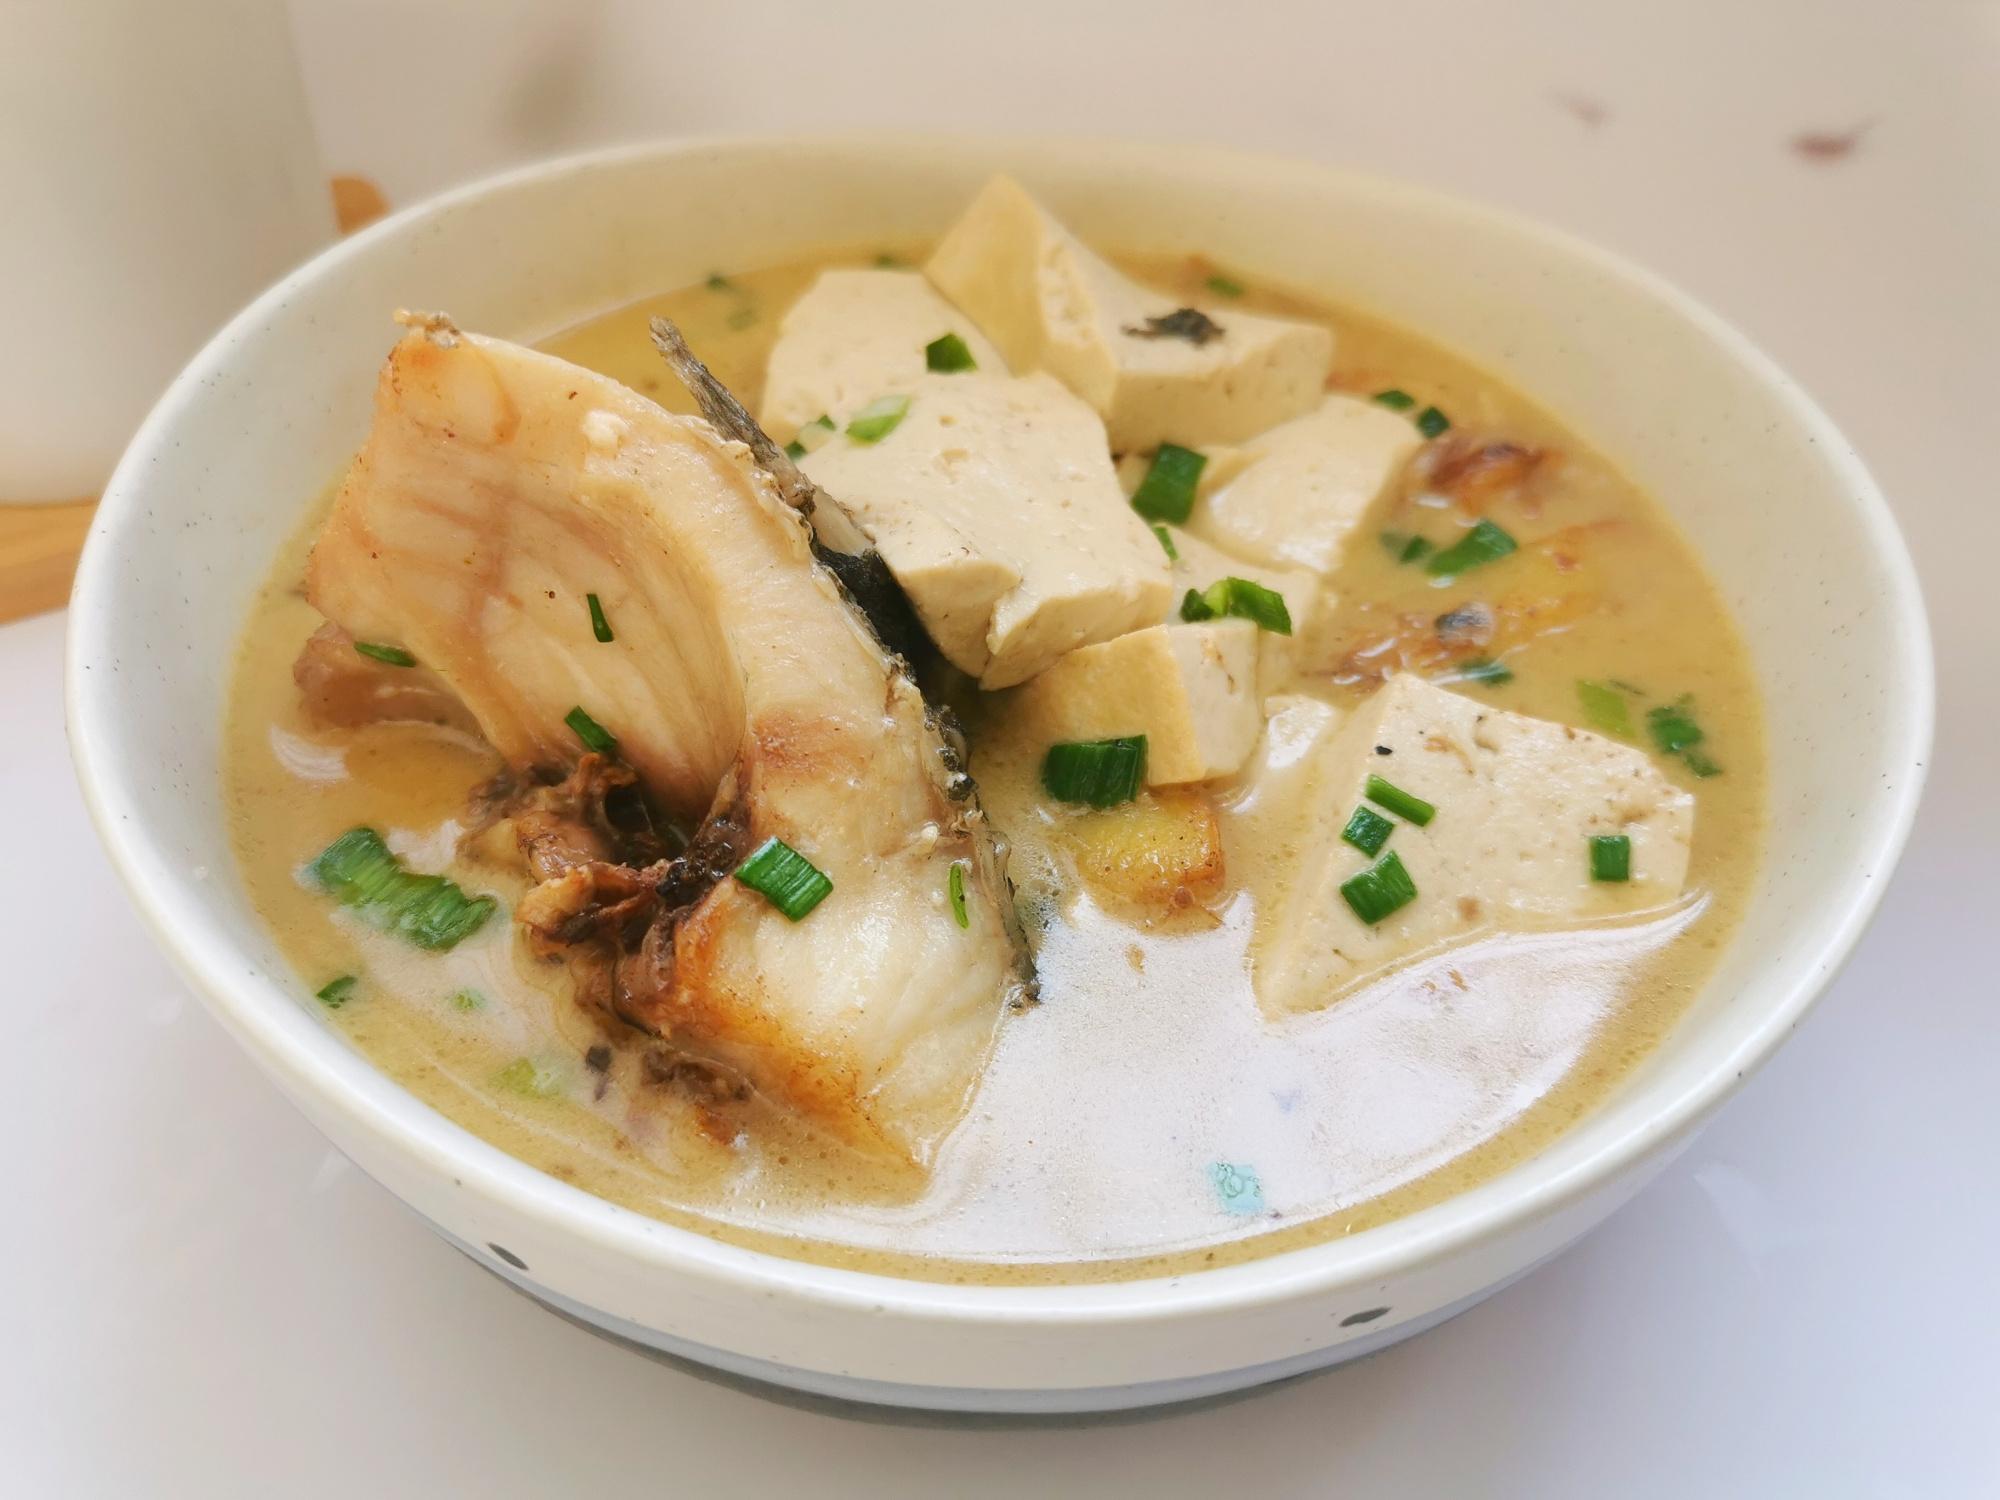 魚頭湯很多人做錯了,難怪不好喝,分享3個要點,湯汁奶白無腥味